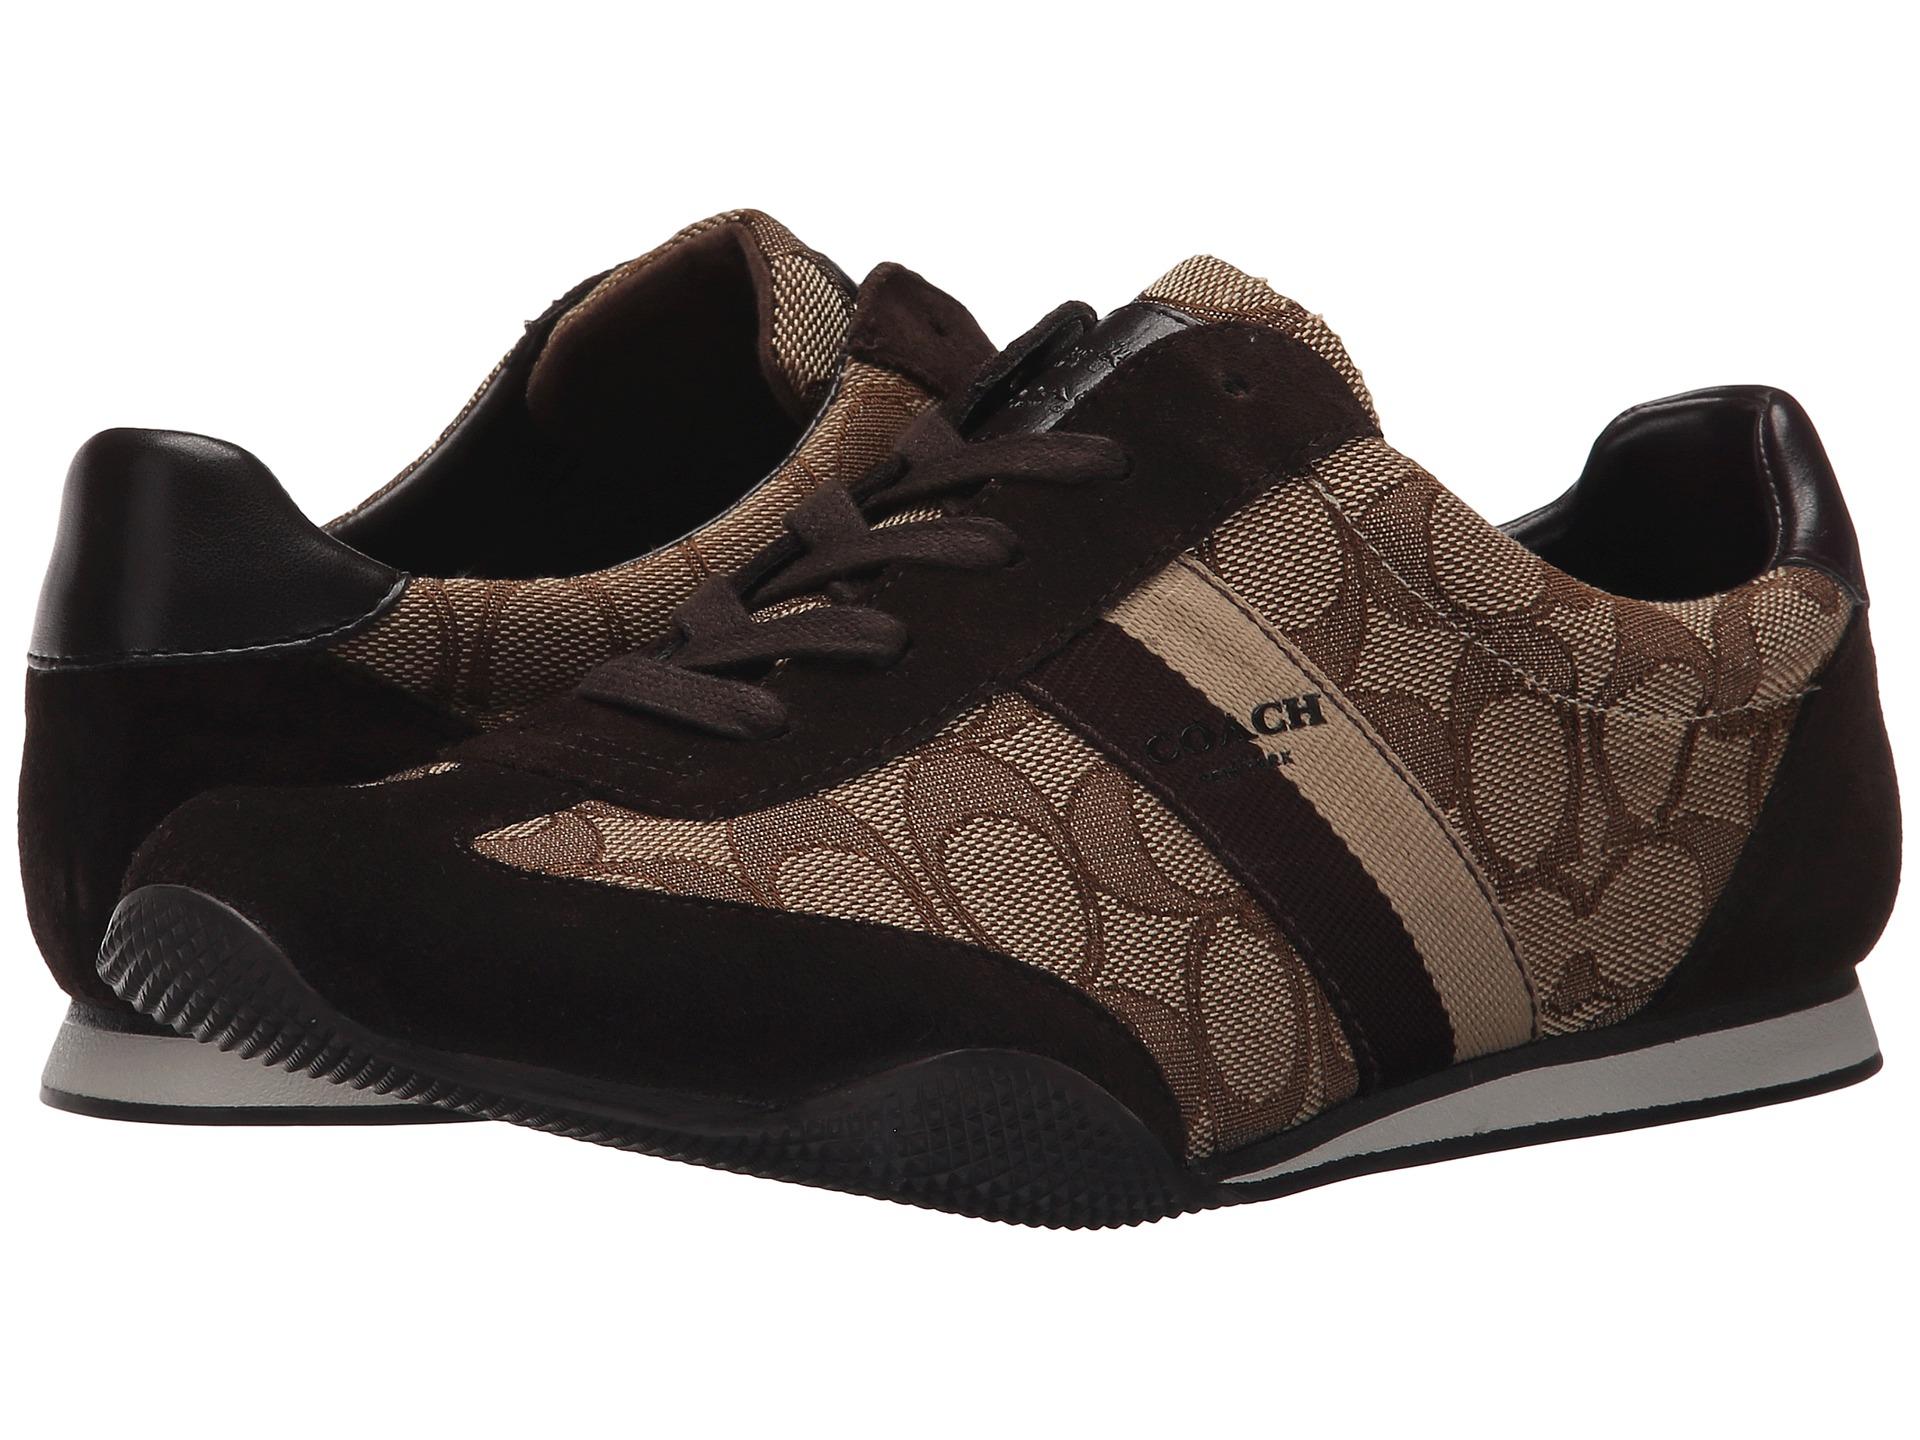 코치 켈슨 아웃라인 스니커즈 시그니처 카키 스웨이드 COACH Kelson Outline Sneakers Khaki Chestnut Sig Suede